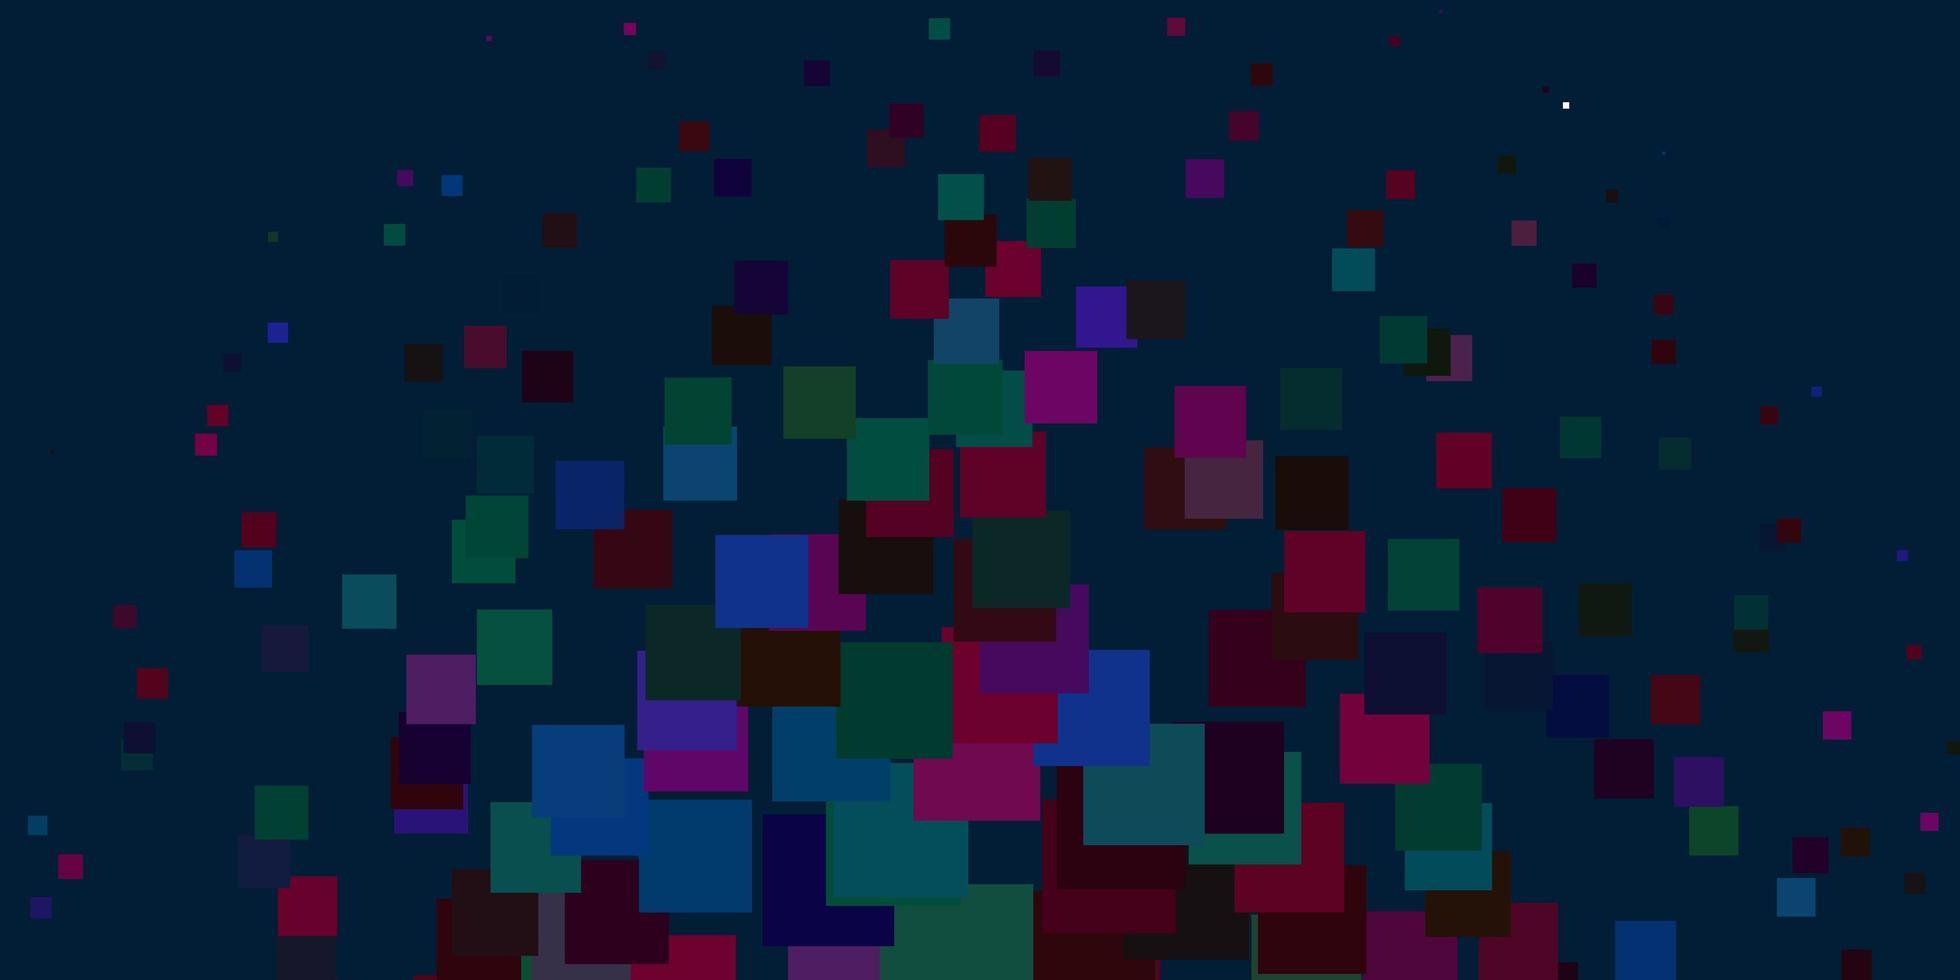 ljus flerfärgad bakgrund med rektanglar. vektor